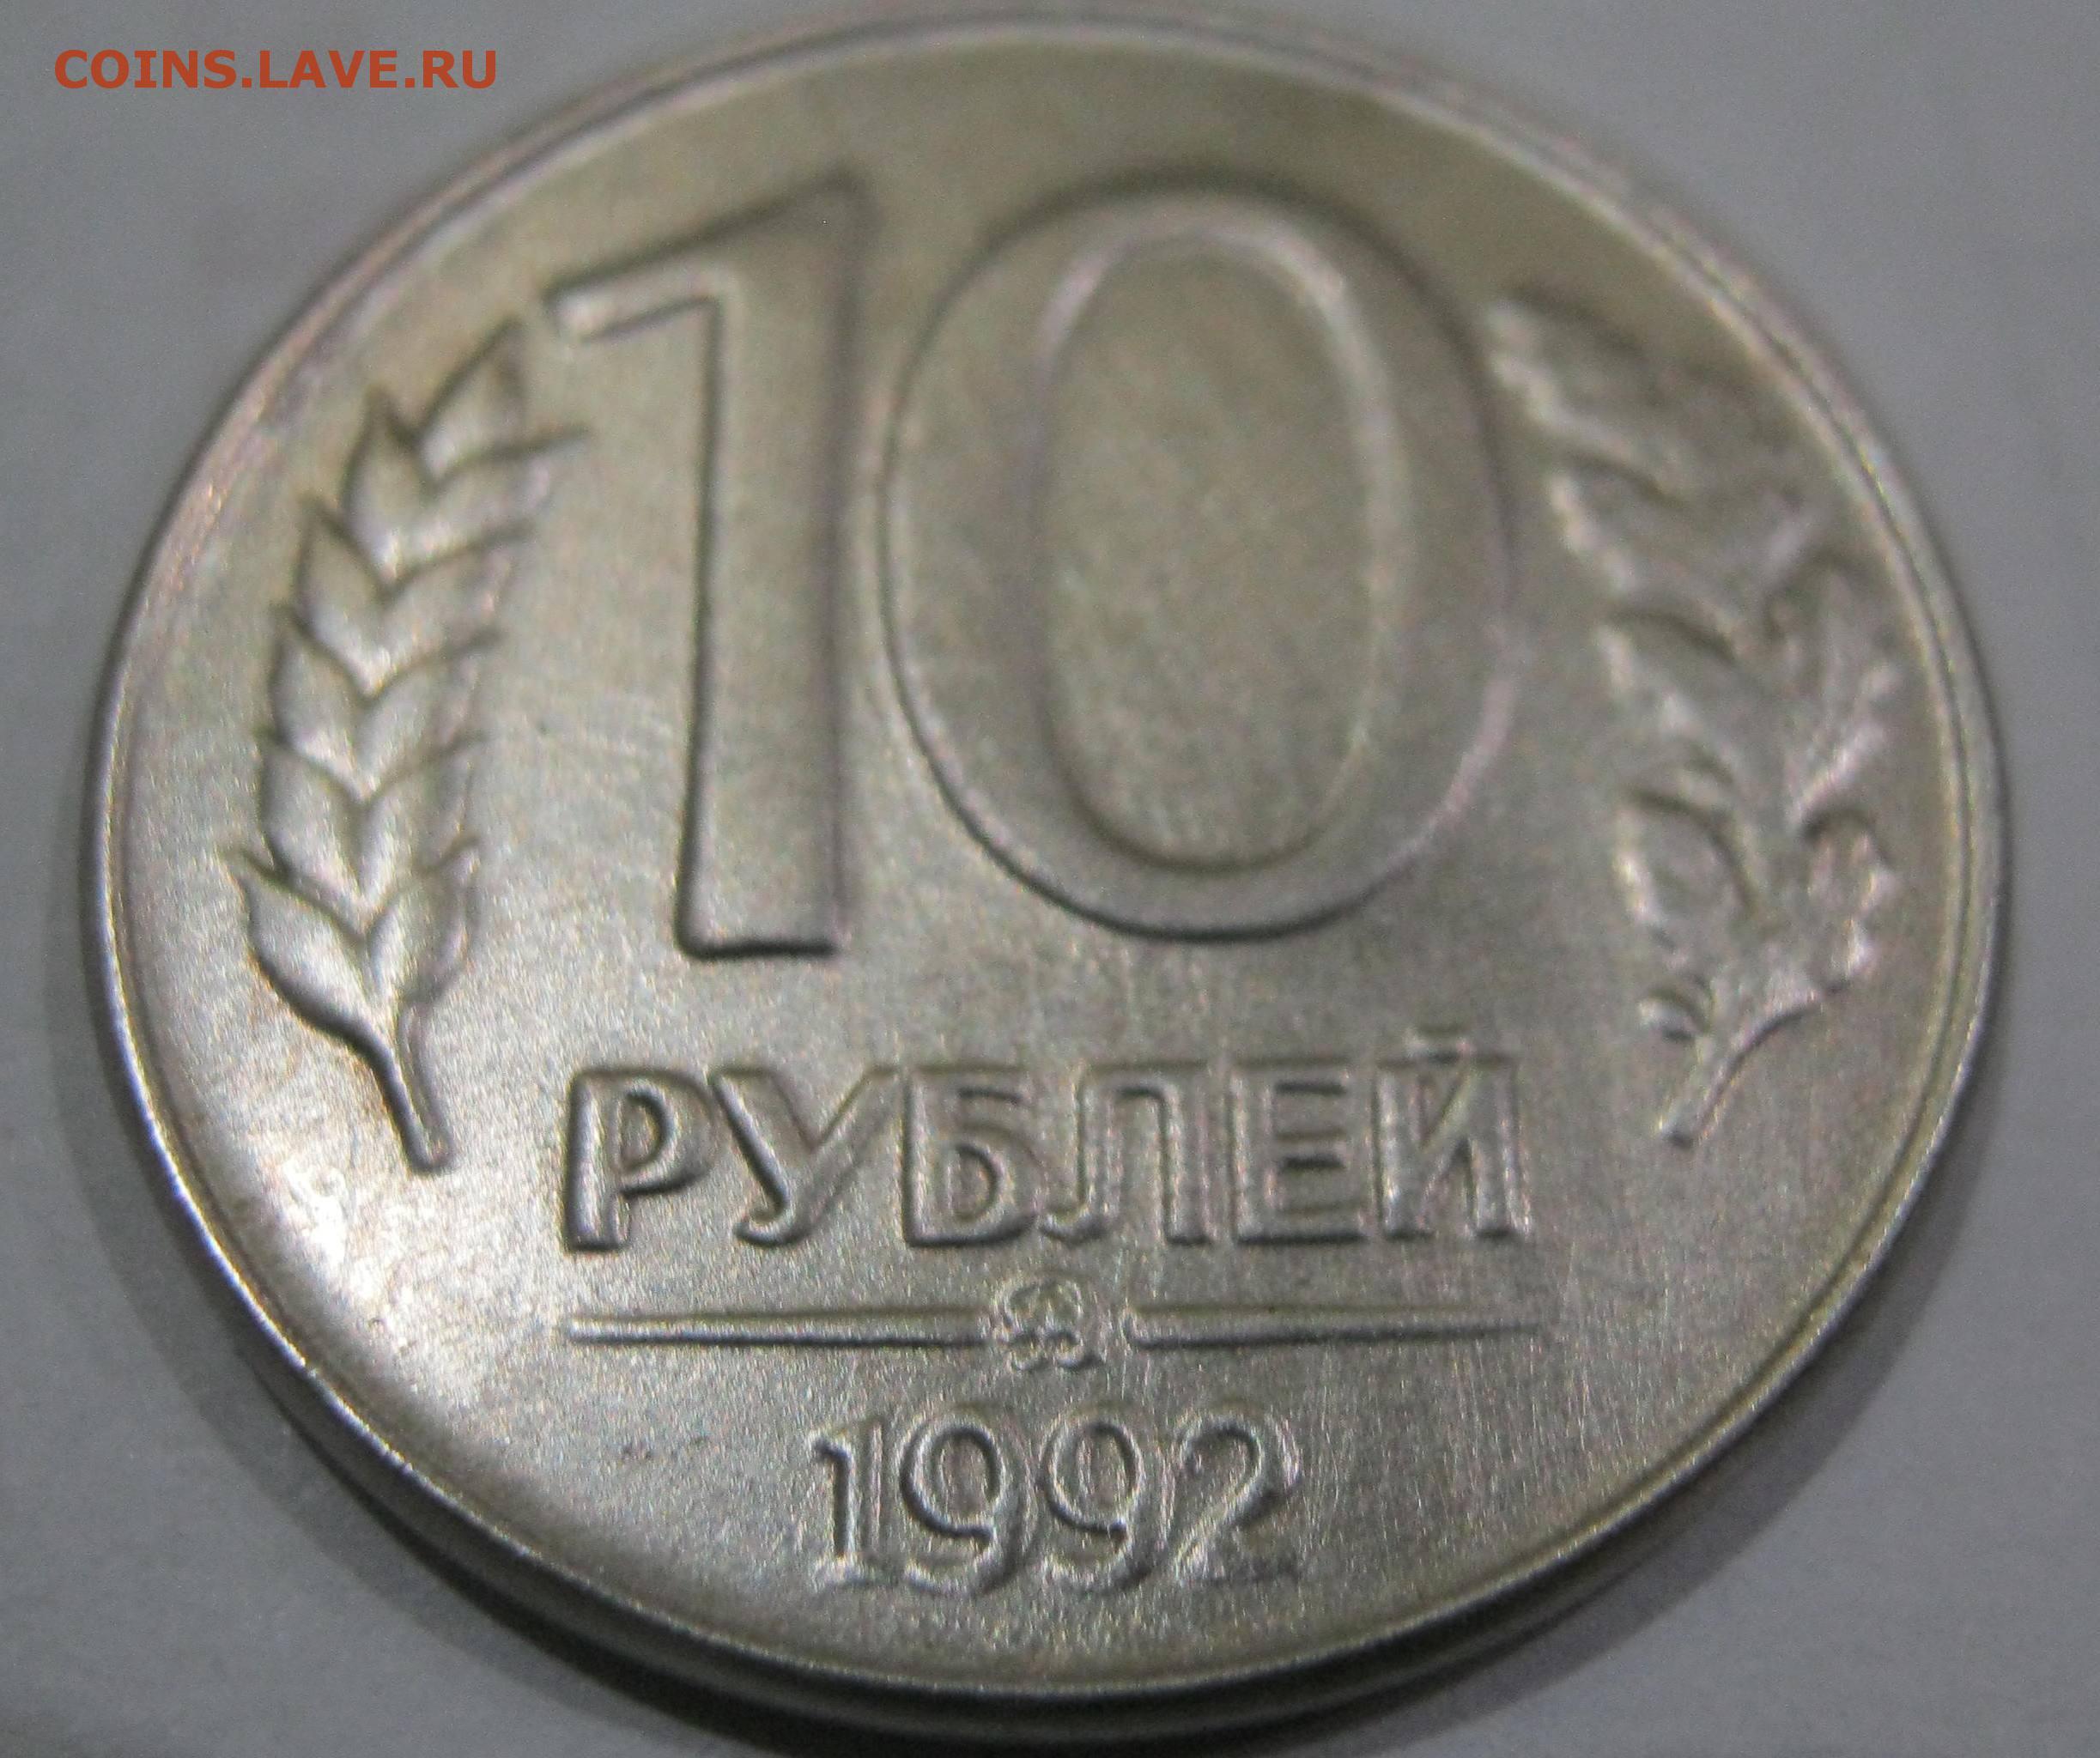 тату если фальшивая монета не могнитится знает